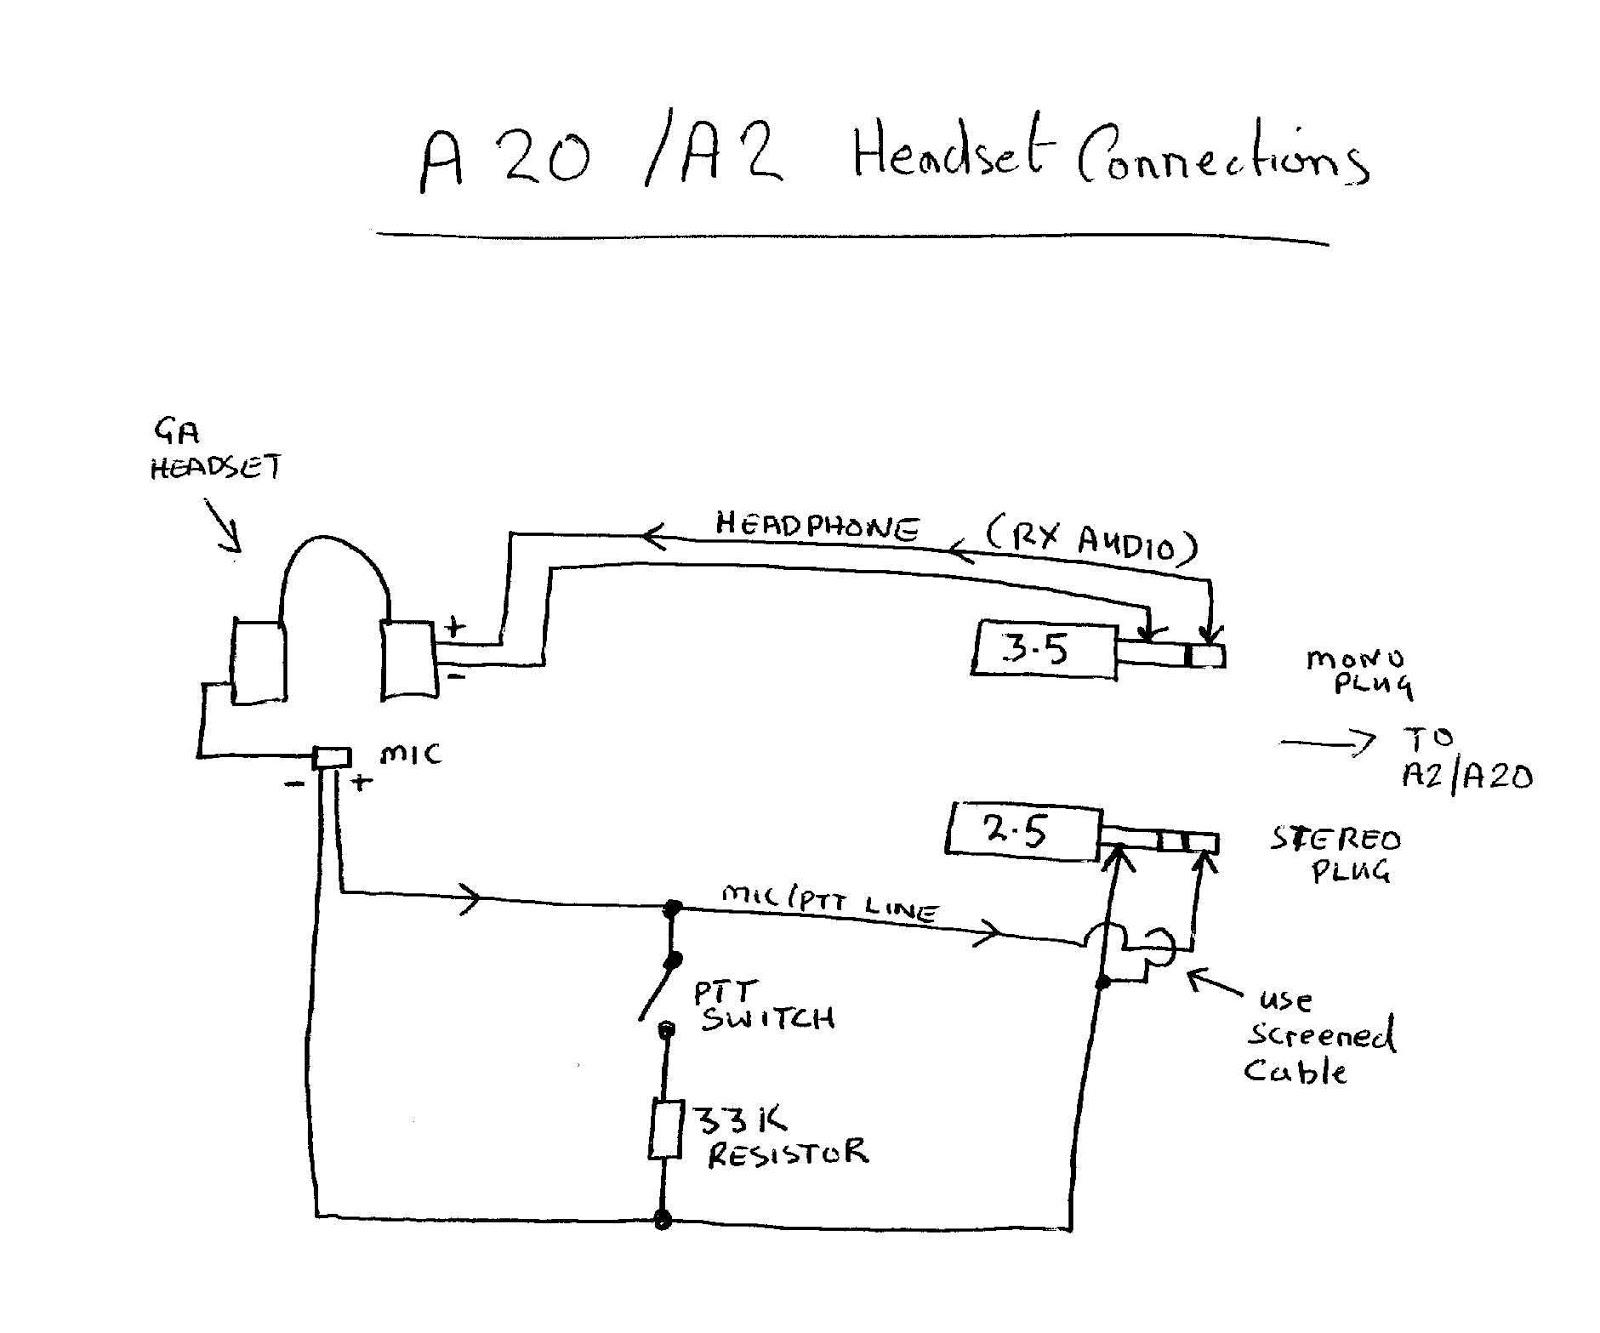 Bose Headset Wiring - Wiring Diagram - Headphone Jack Wiring Diagram